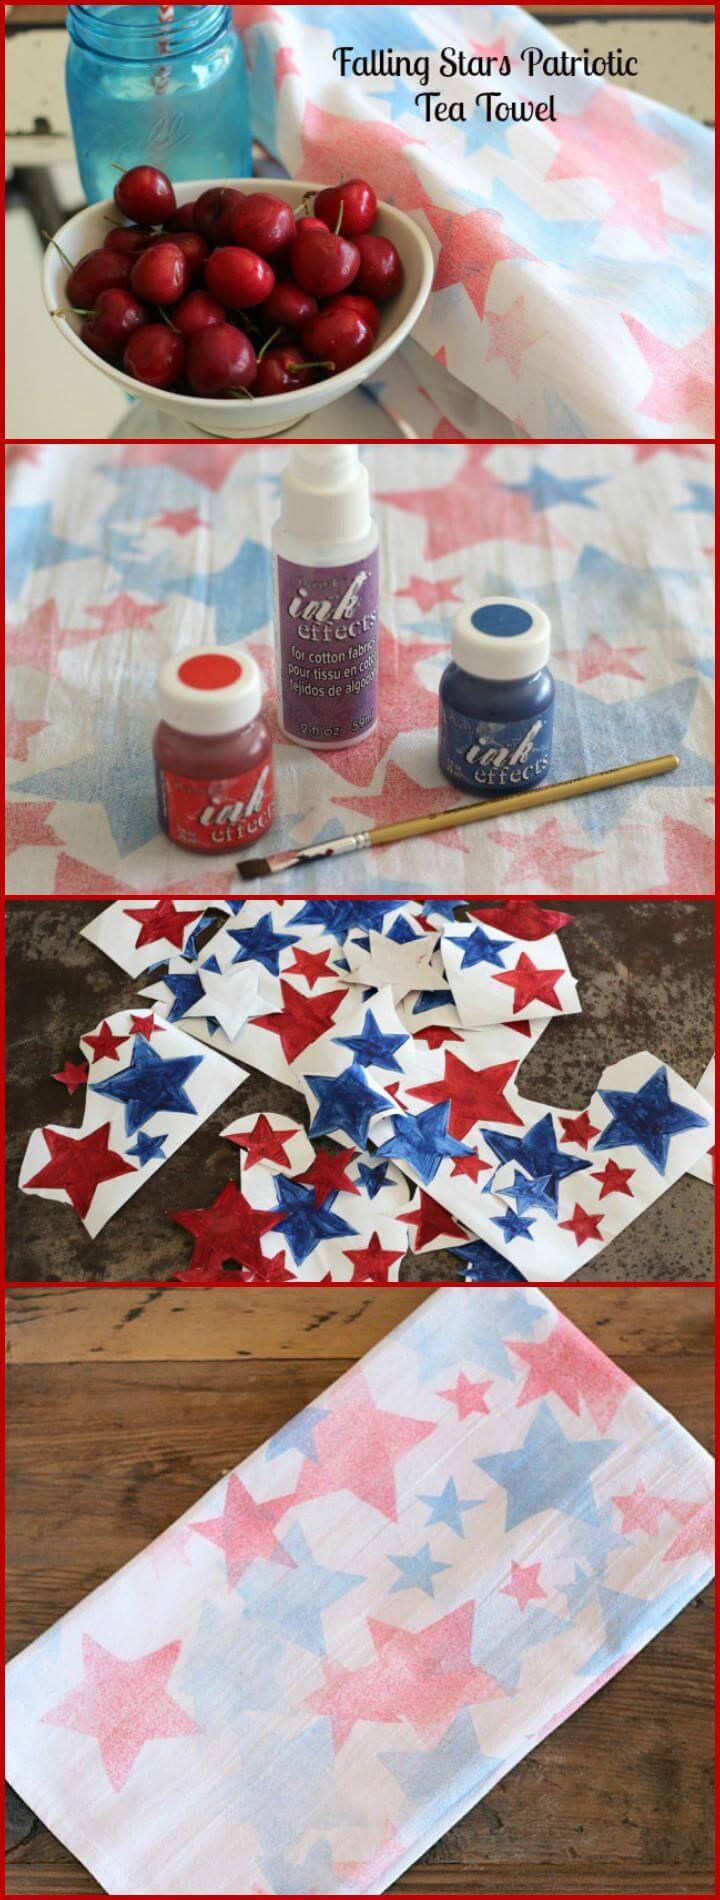 30 DIY Falling Stars Patriotic Tea Towel